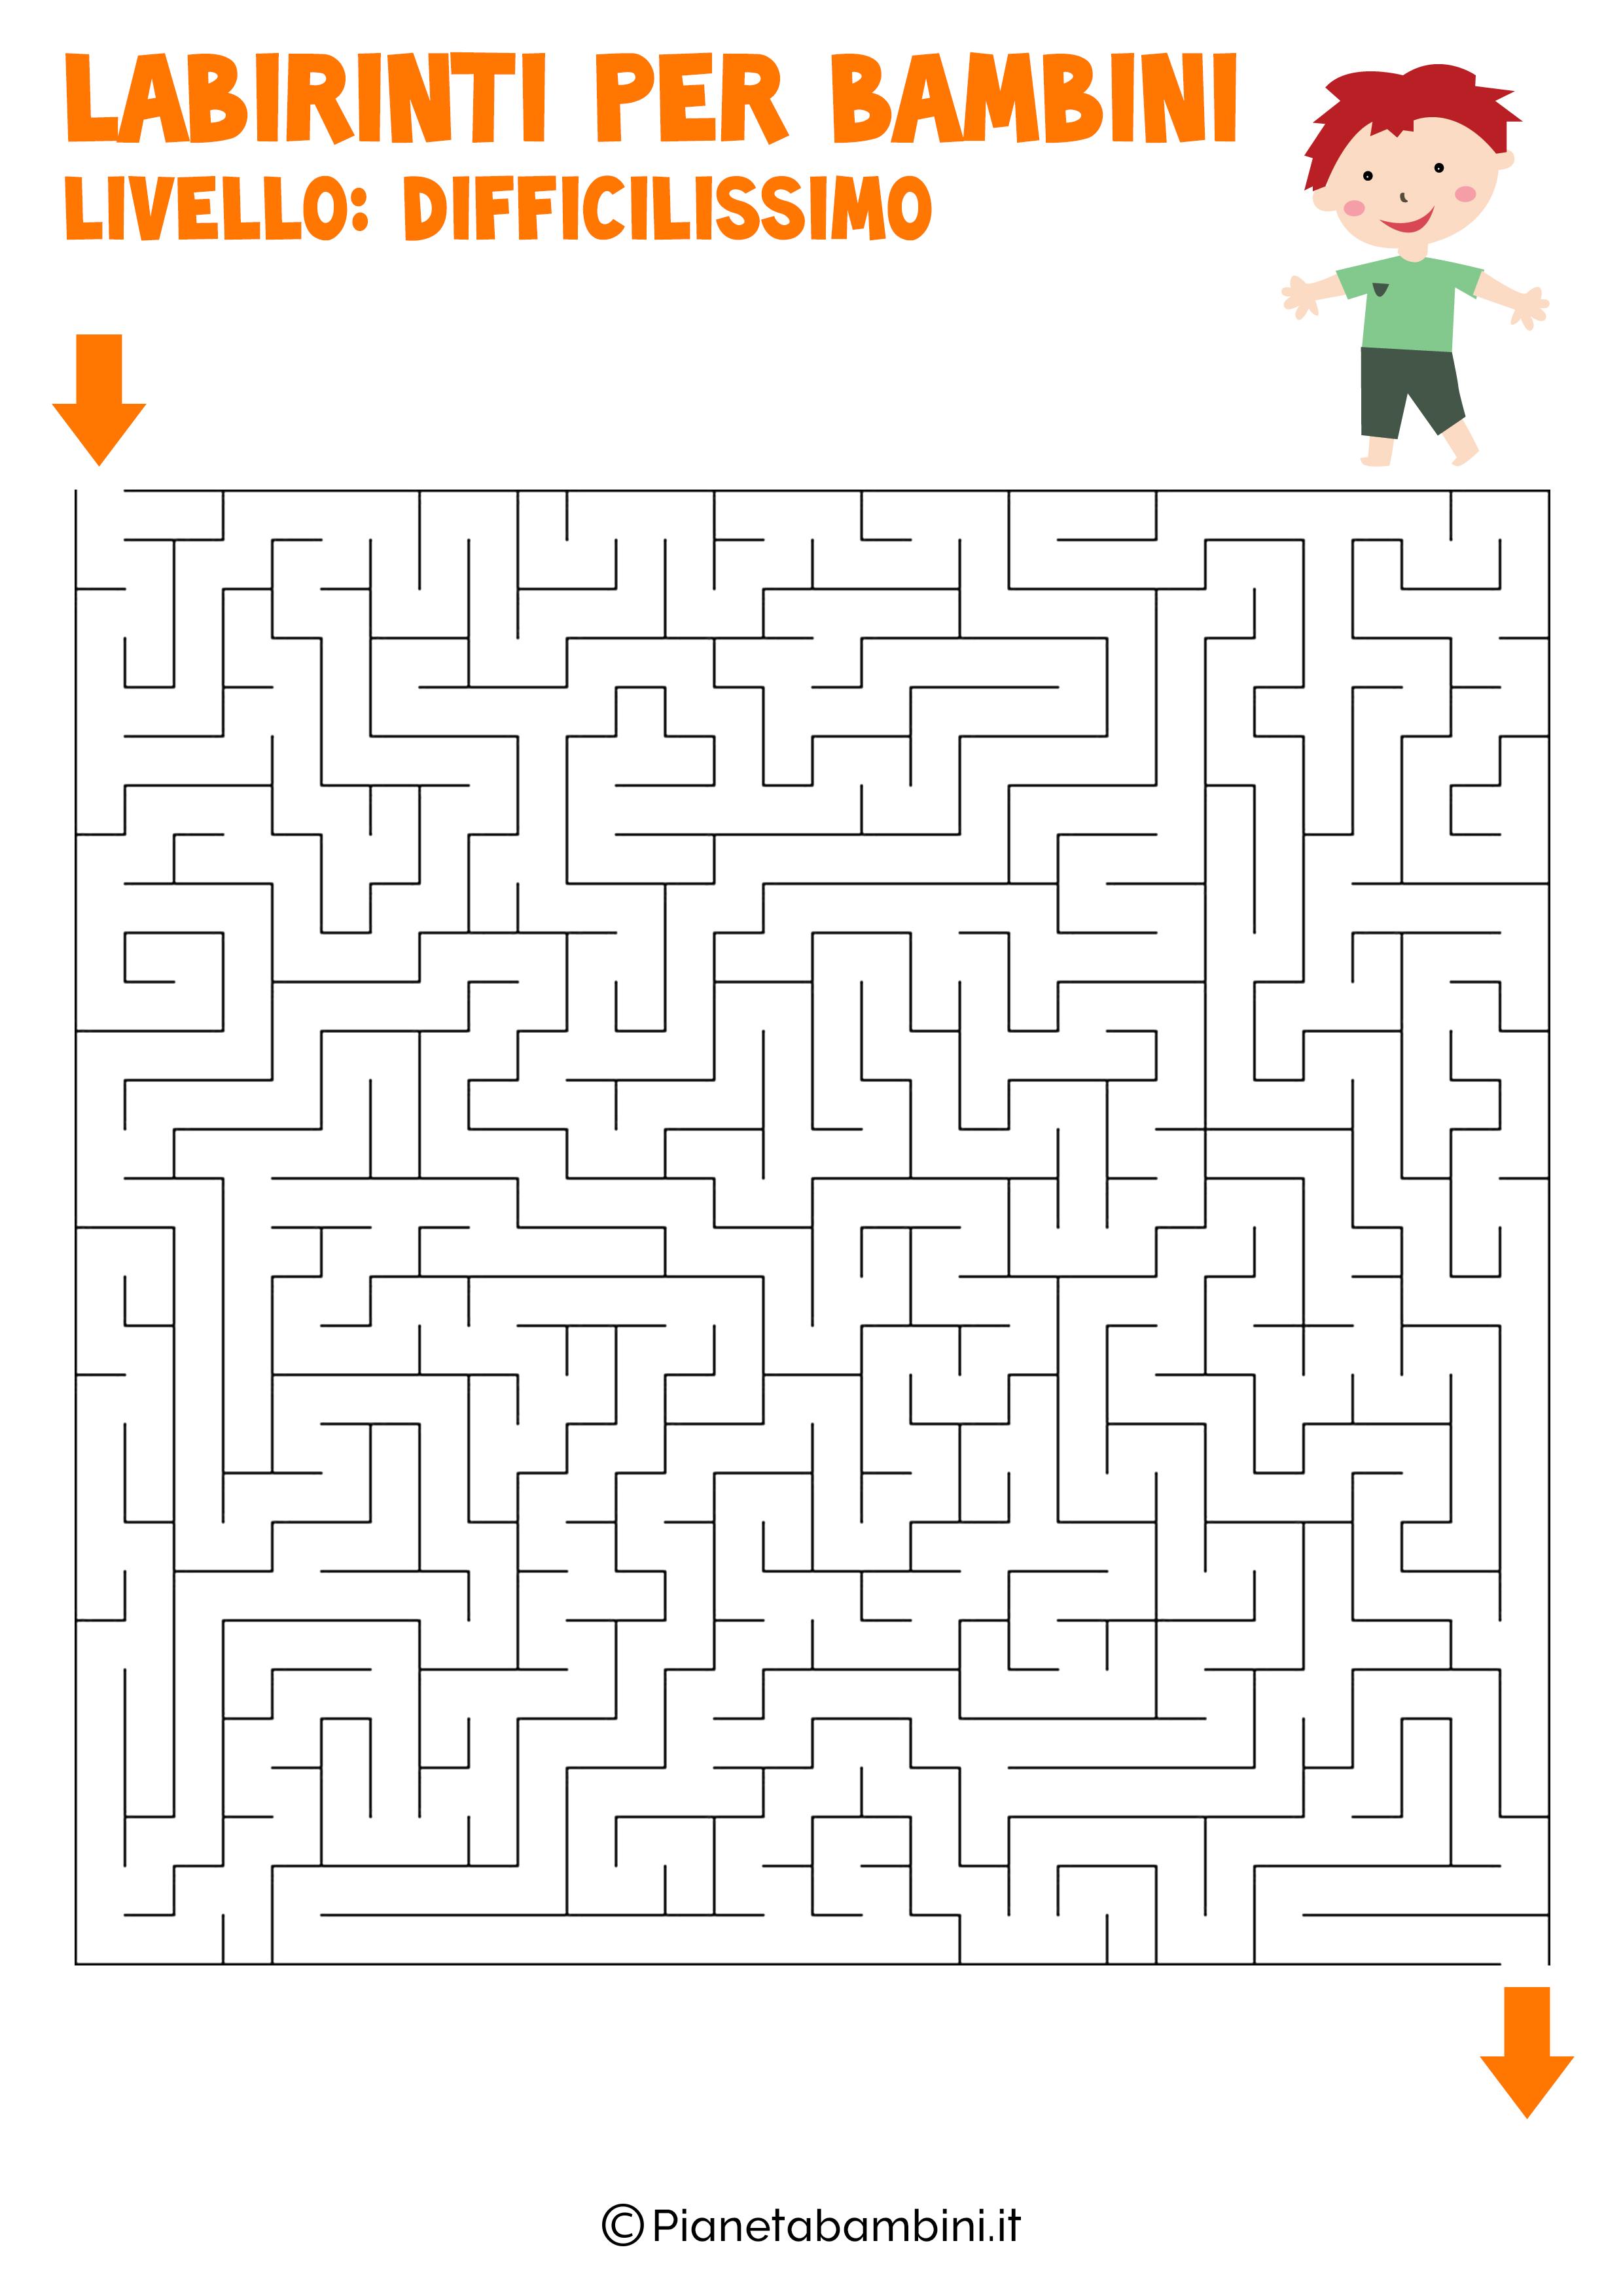 Labirinto difficilissimo per bambini numero 5